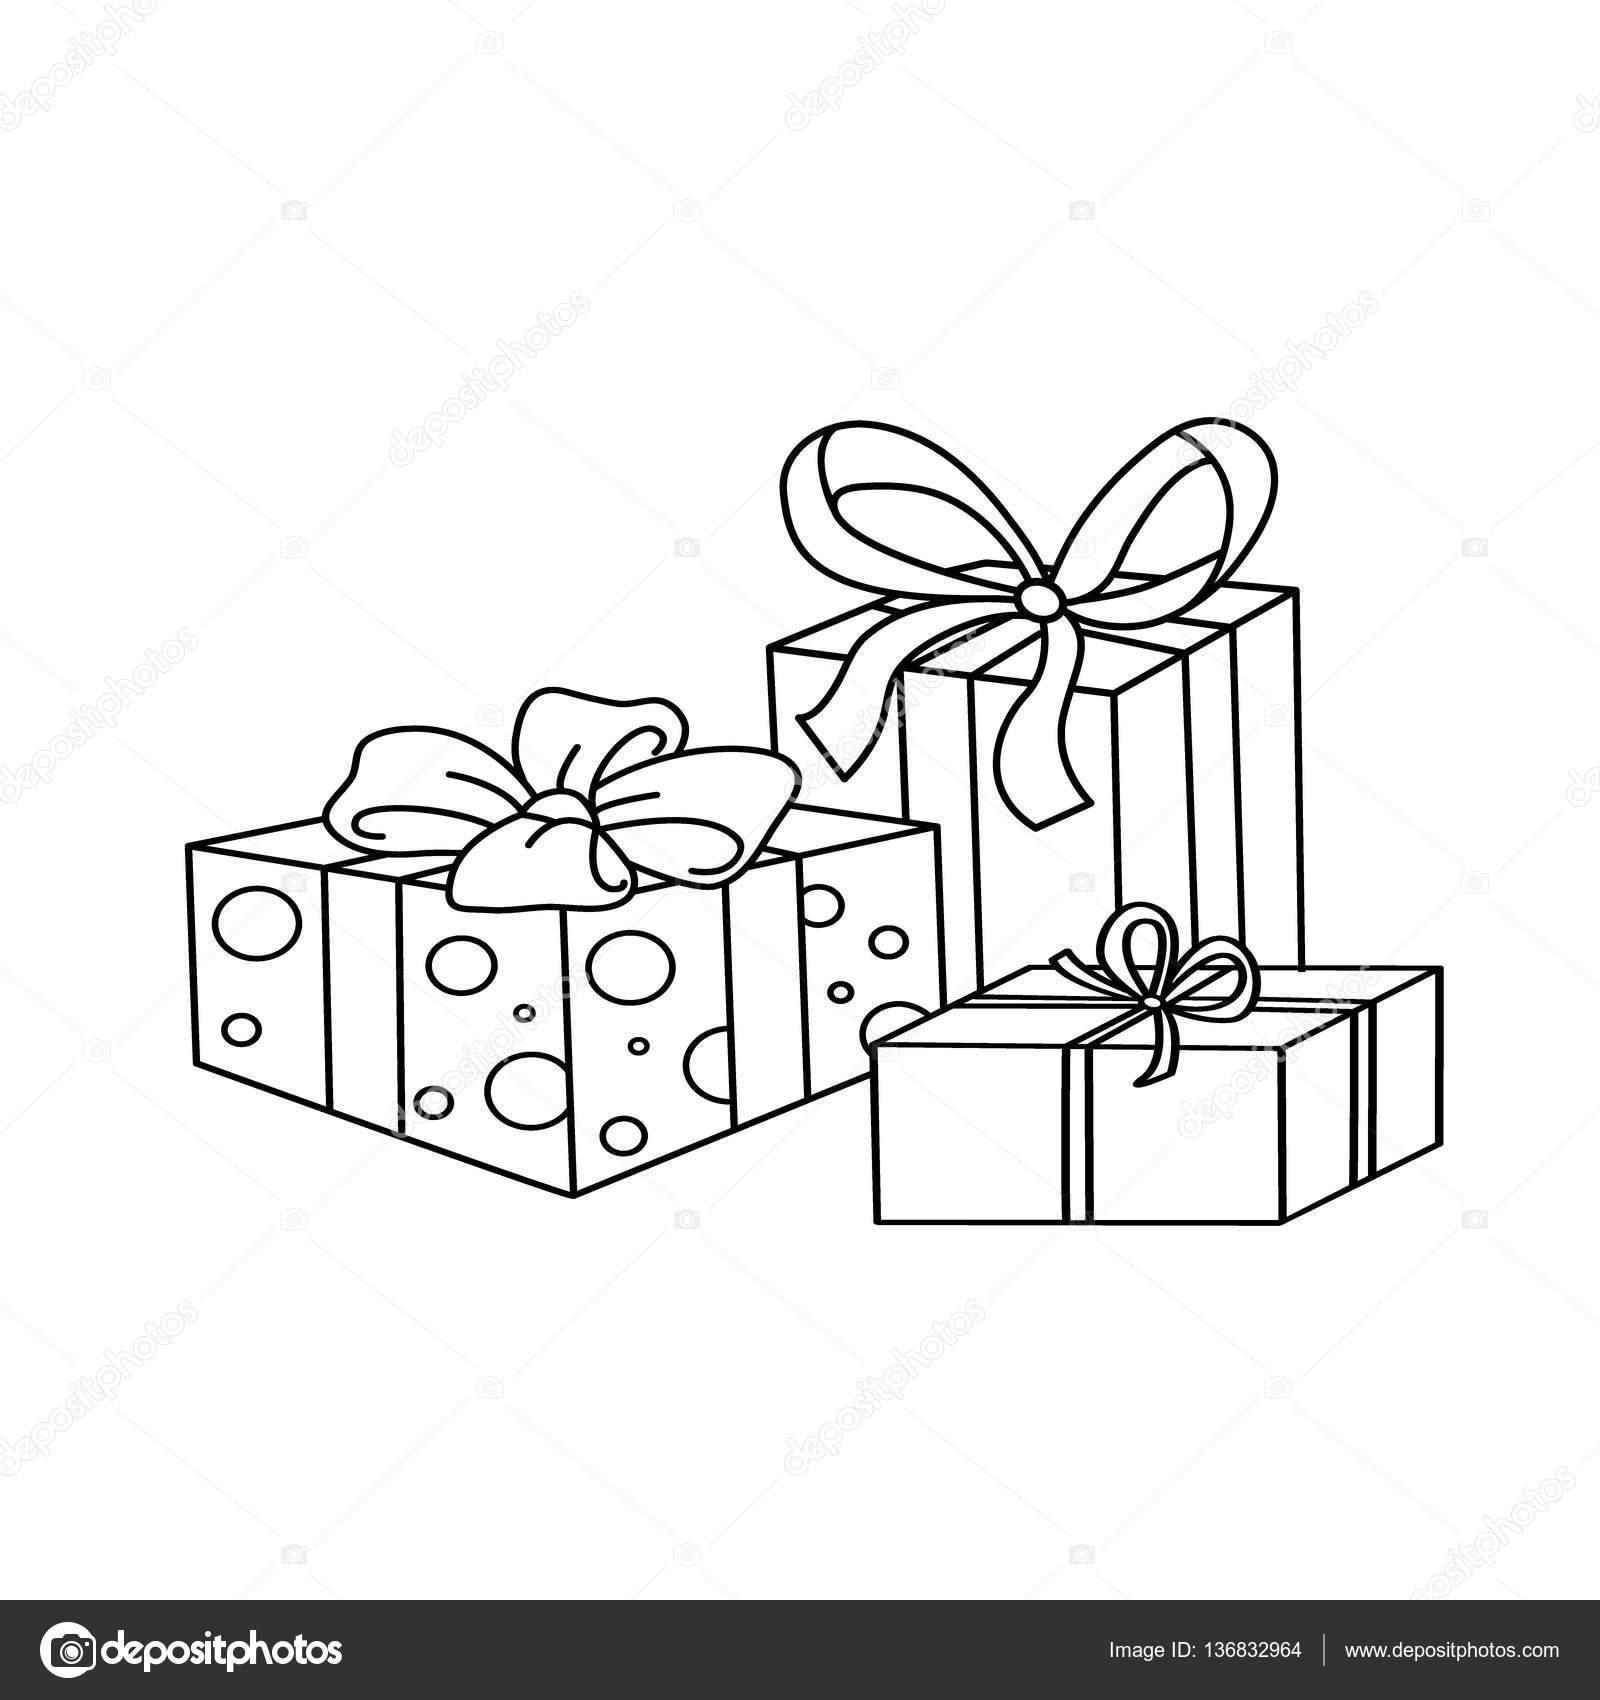 Colorear contorno de la página de dibujos animados regalos de ...